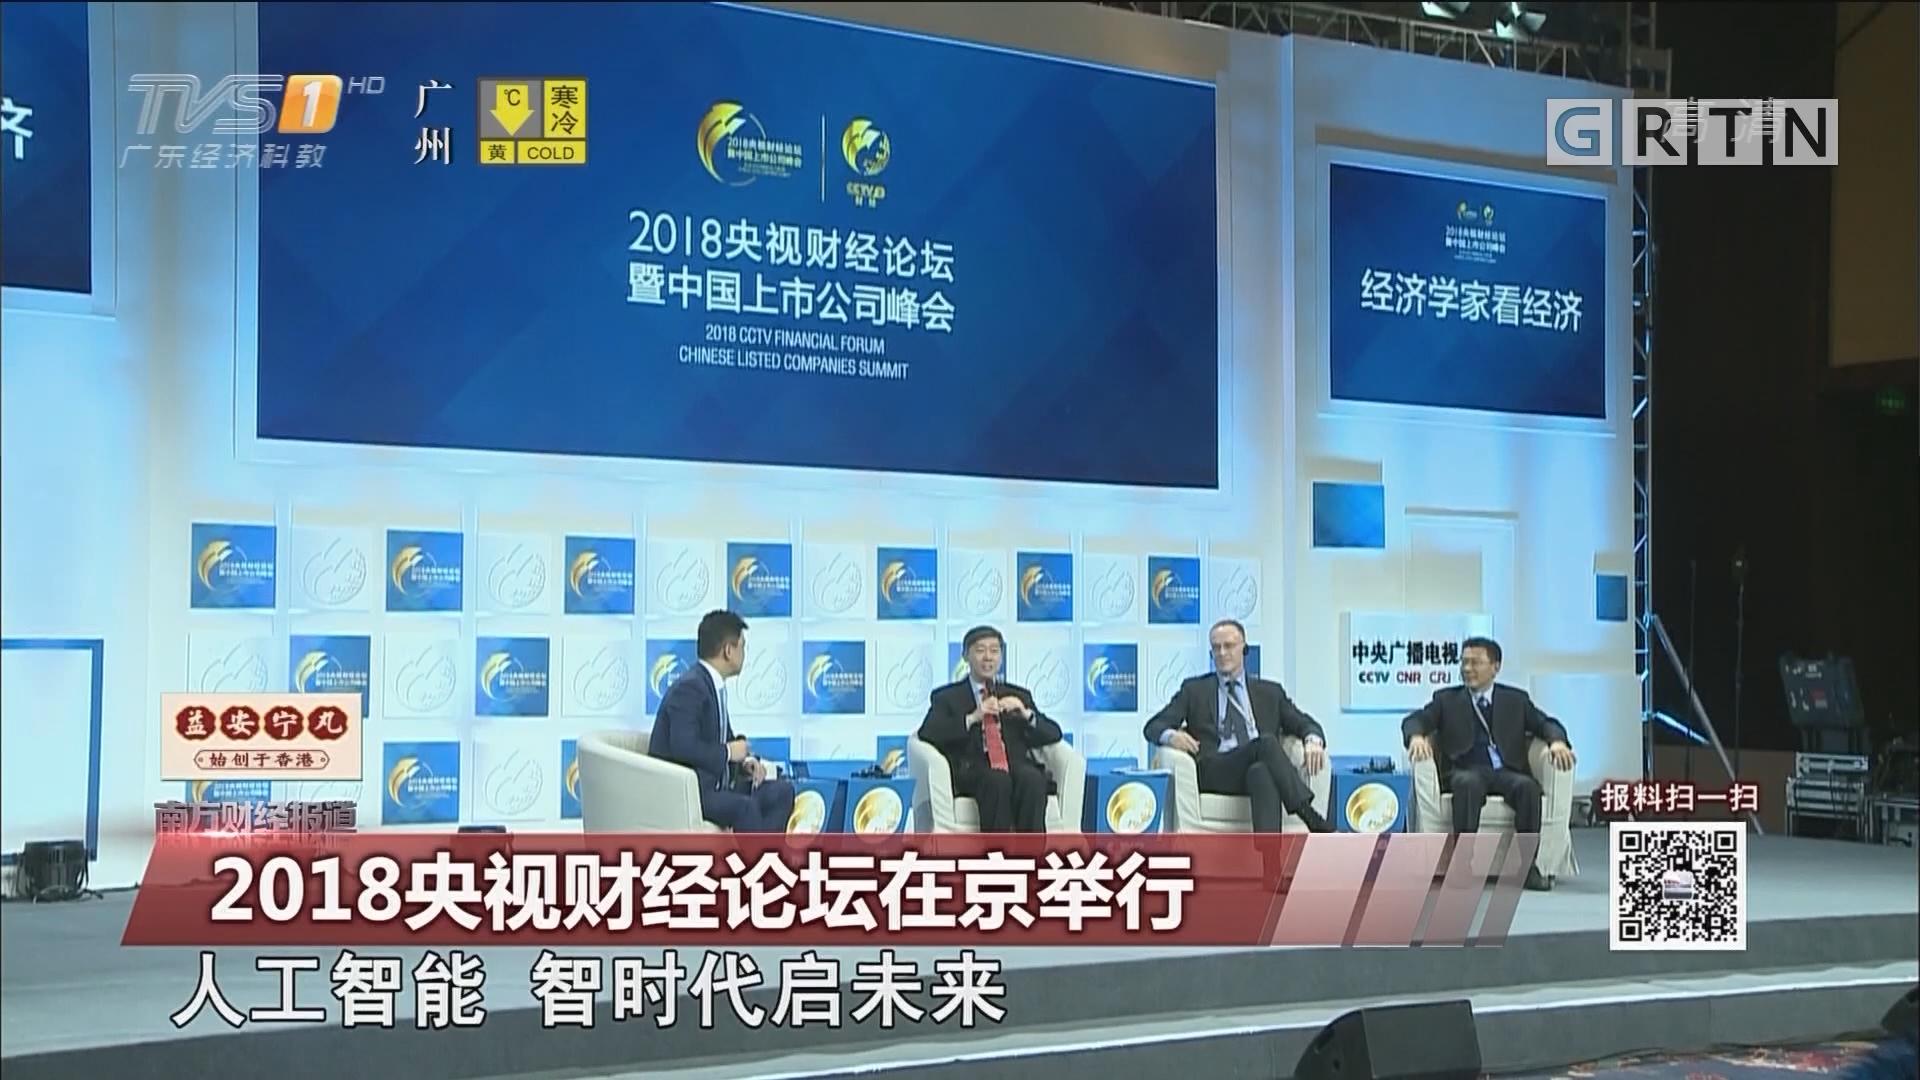 2018央视财经论坛在京举行